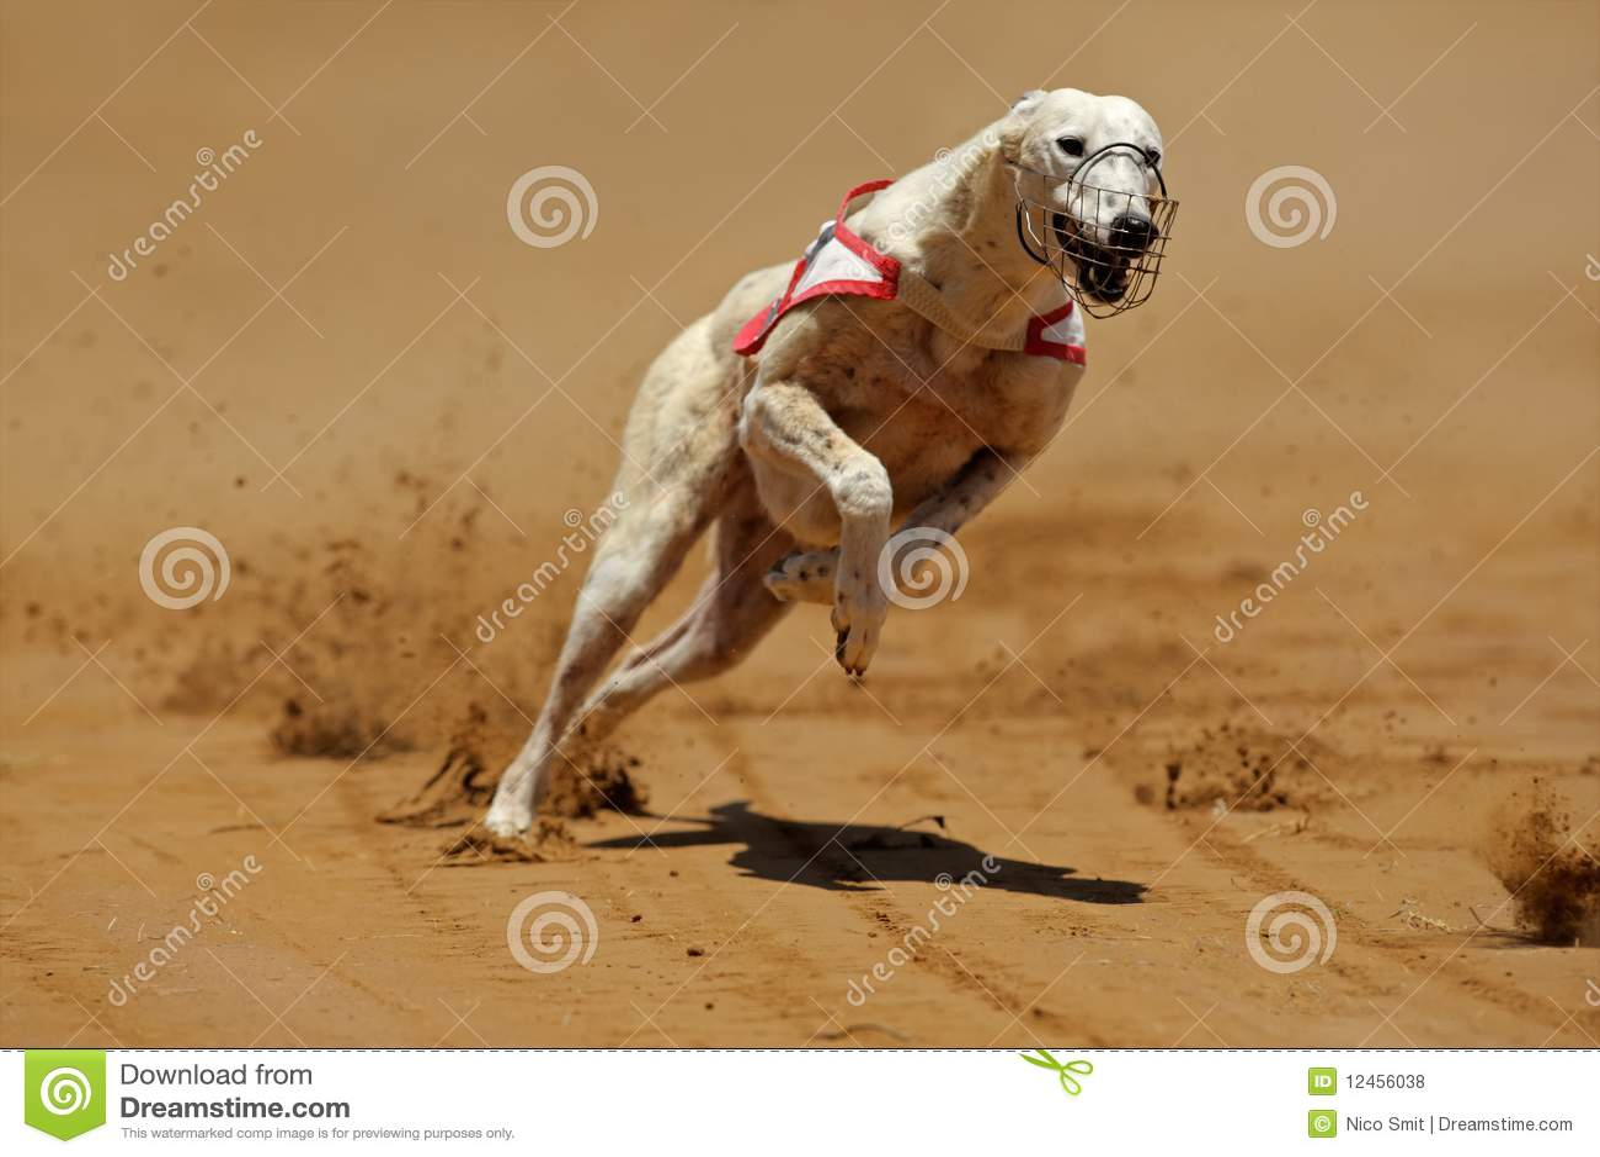 Galgo Sprinting